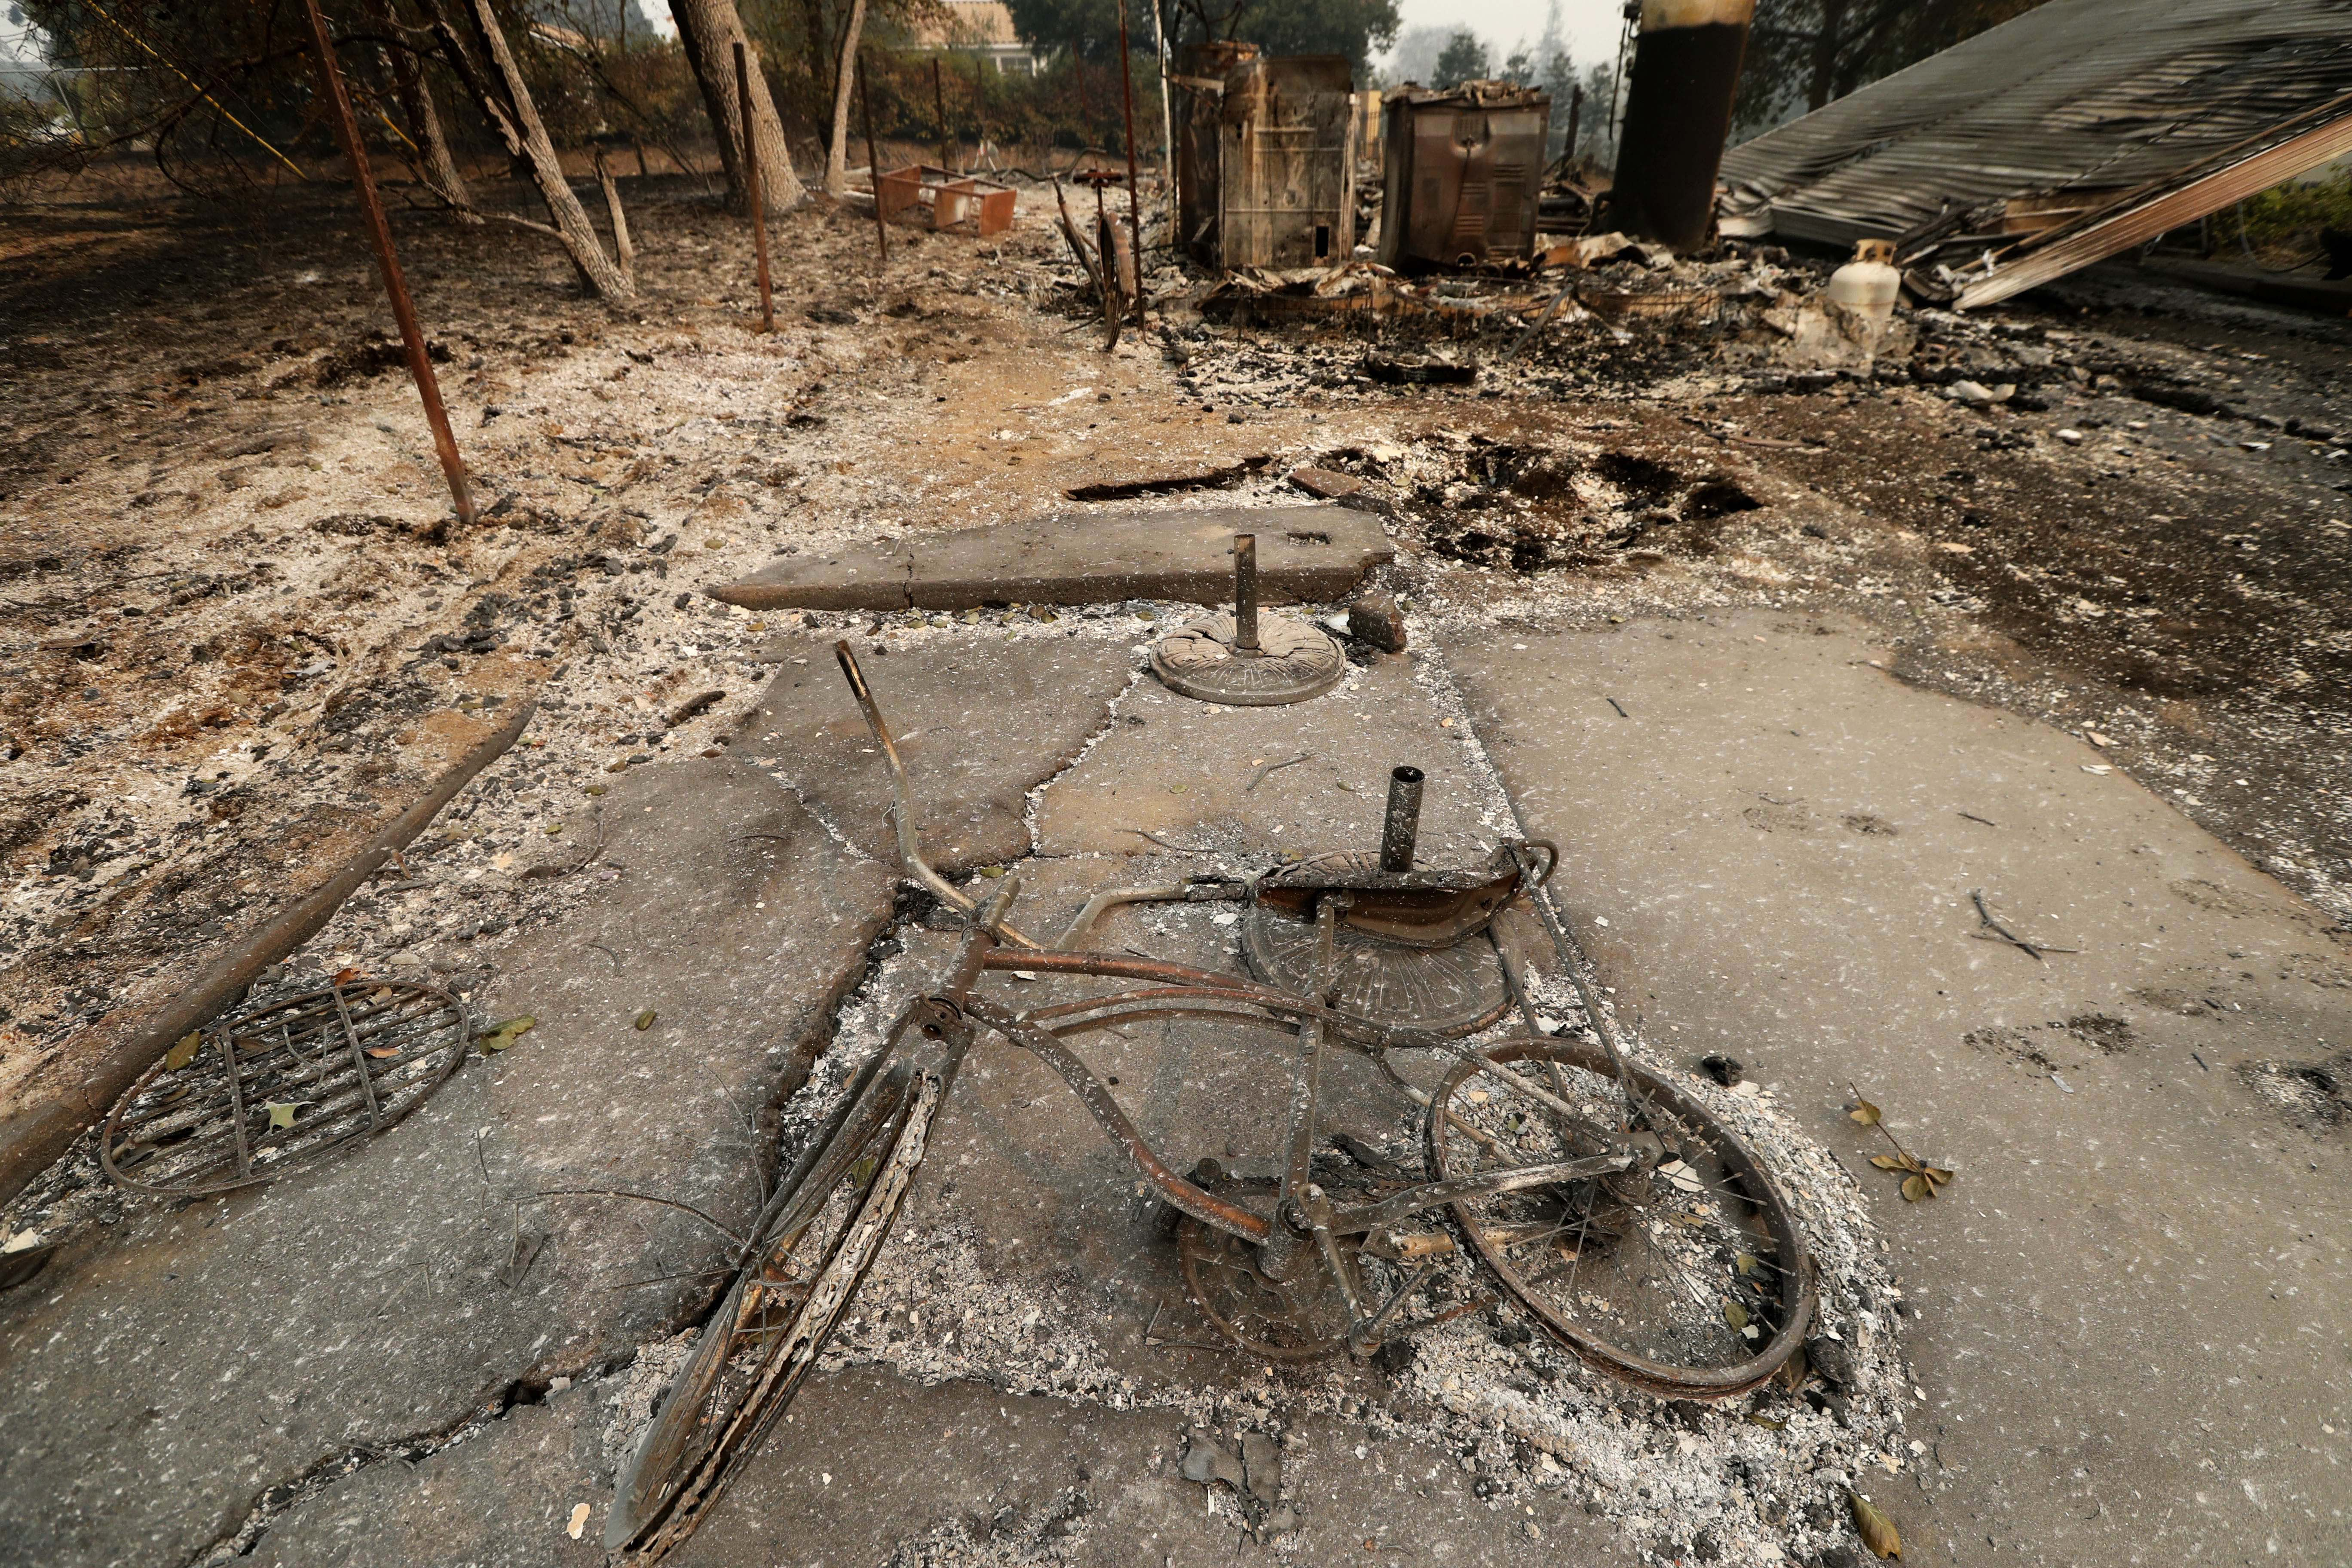 一輛燒得變形的單車,躺在火場,主人已不知去向。( 歐新社)